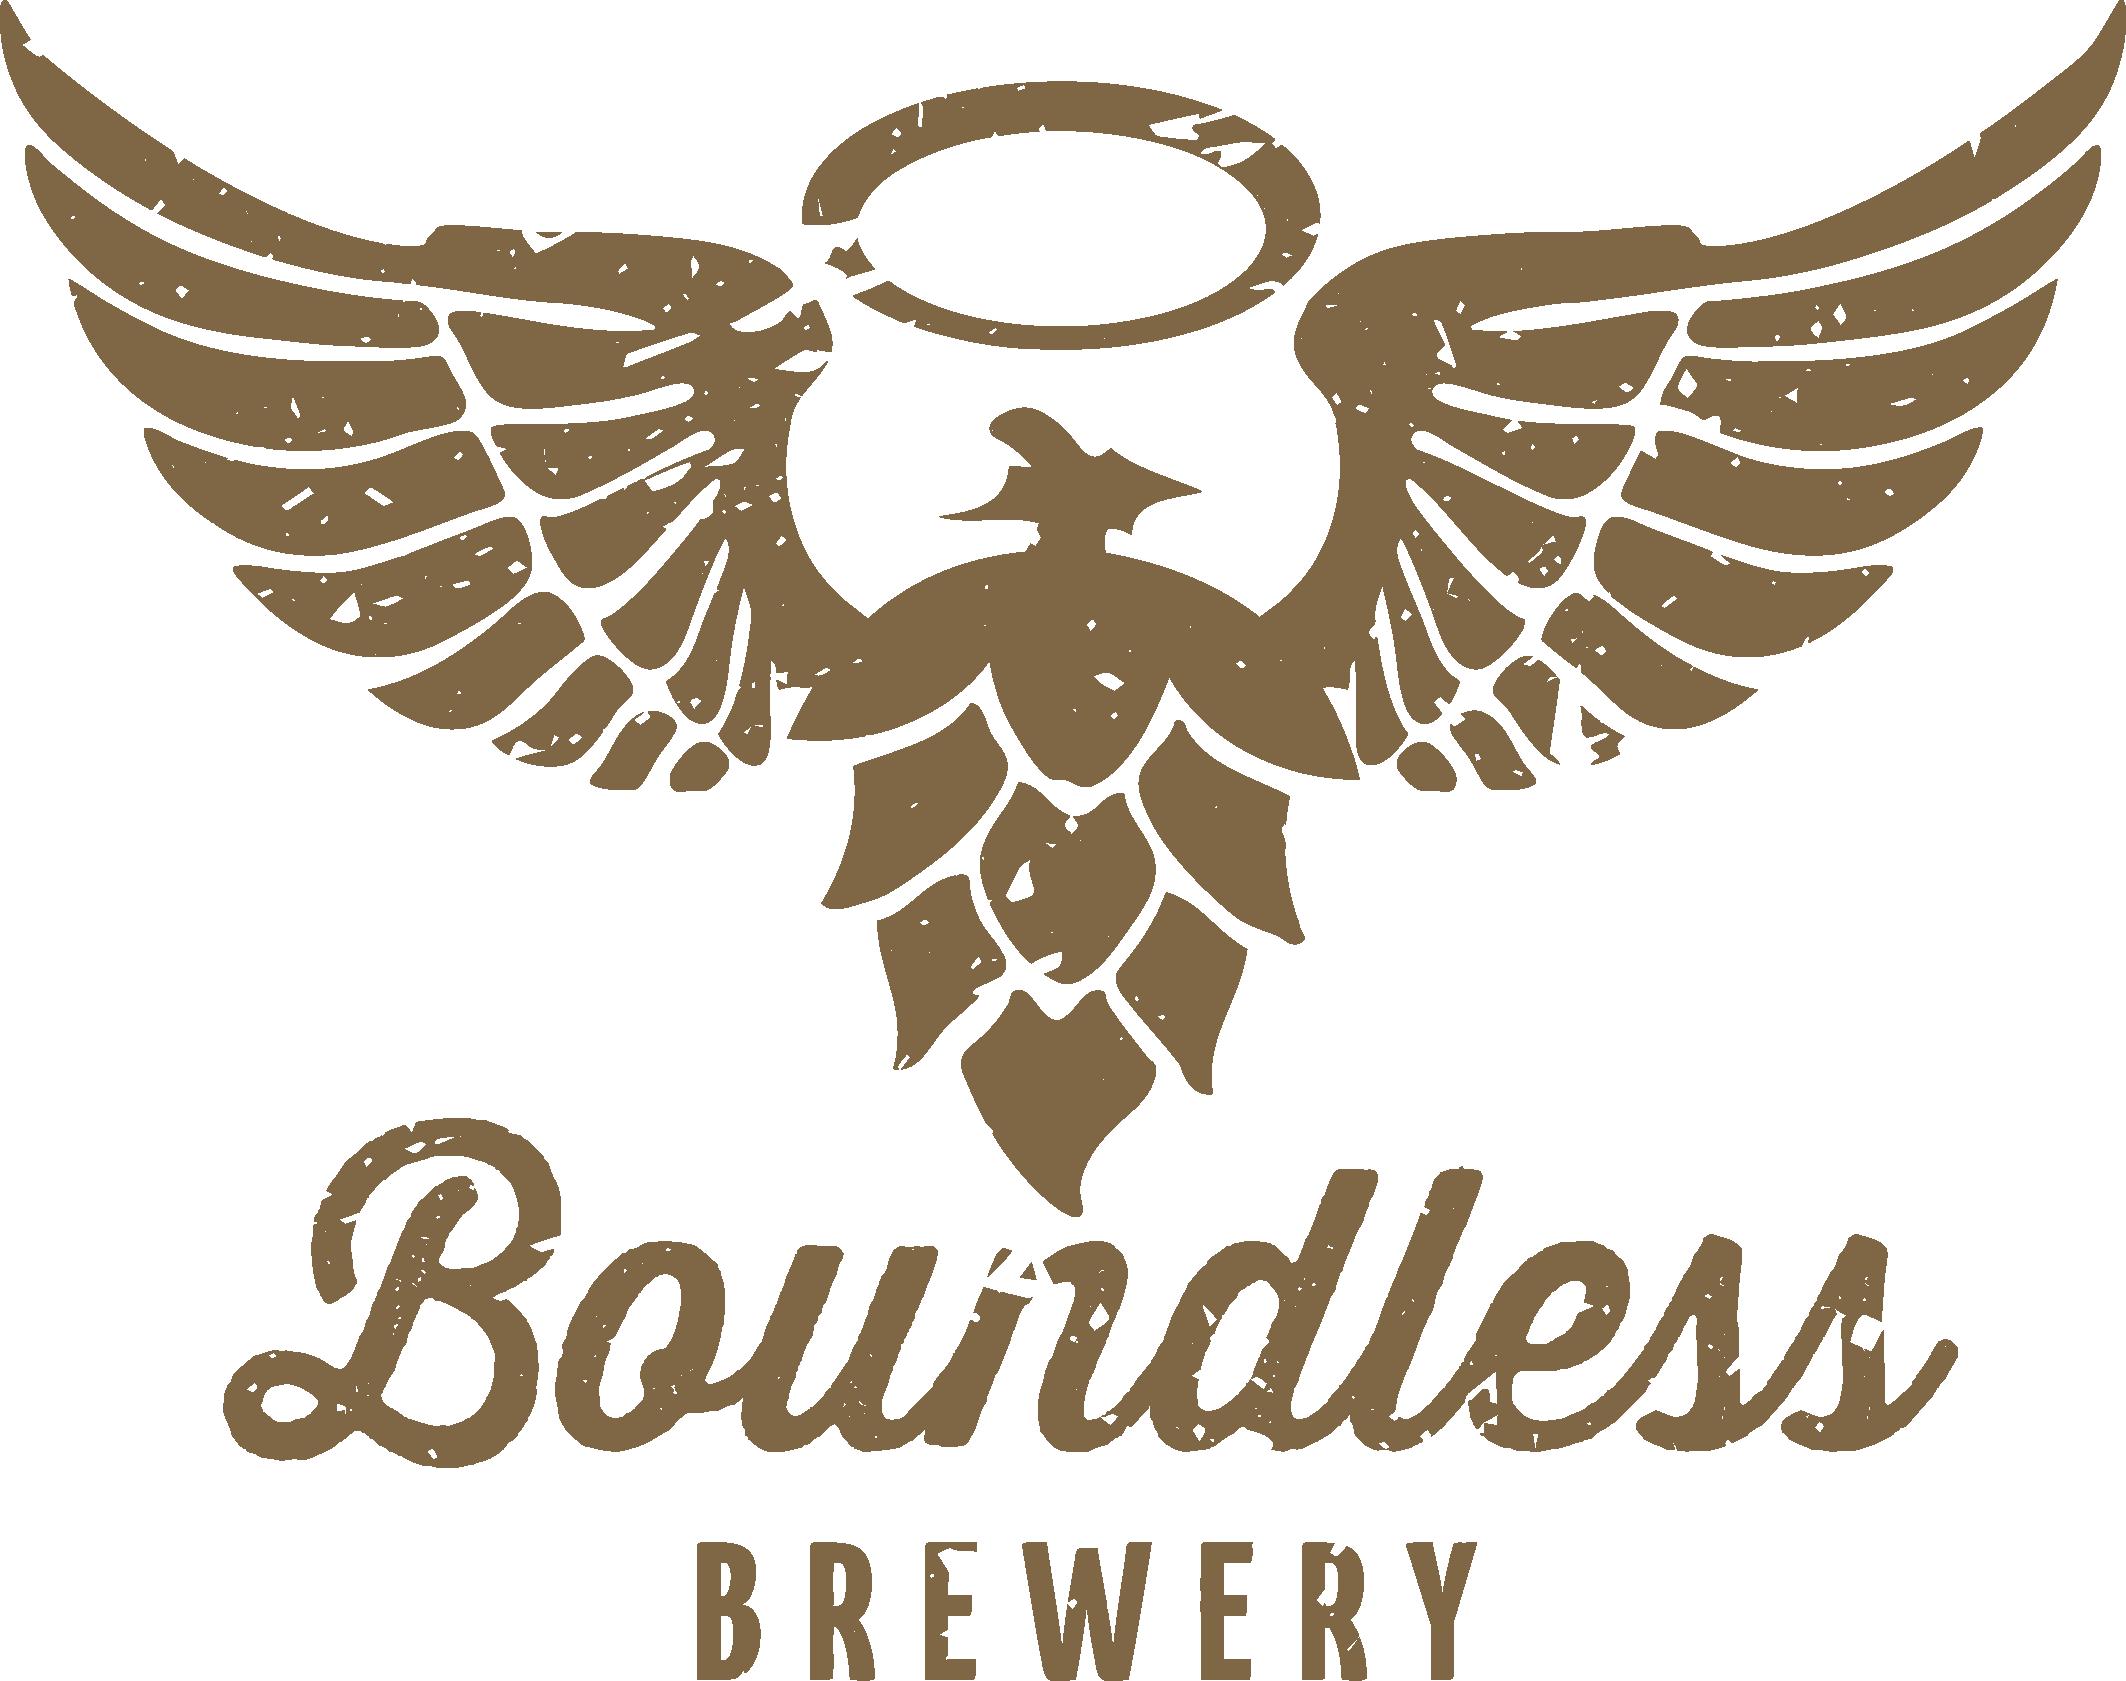 Erstelle ein ausgefallenes Logo für eine Biermarke